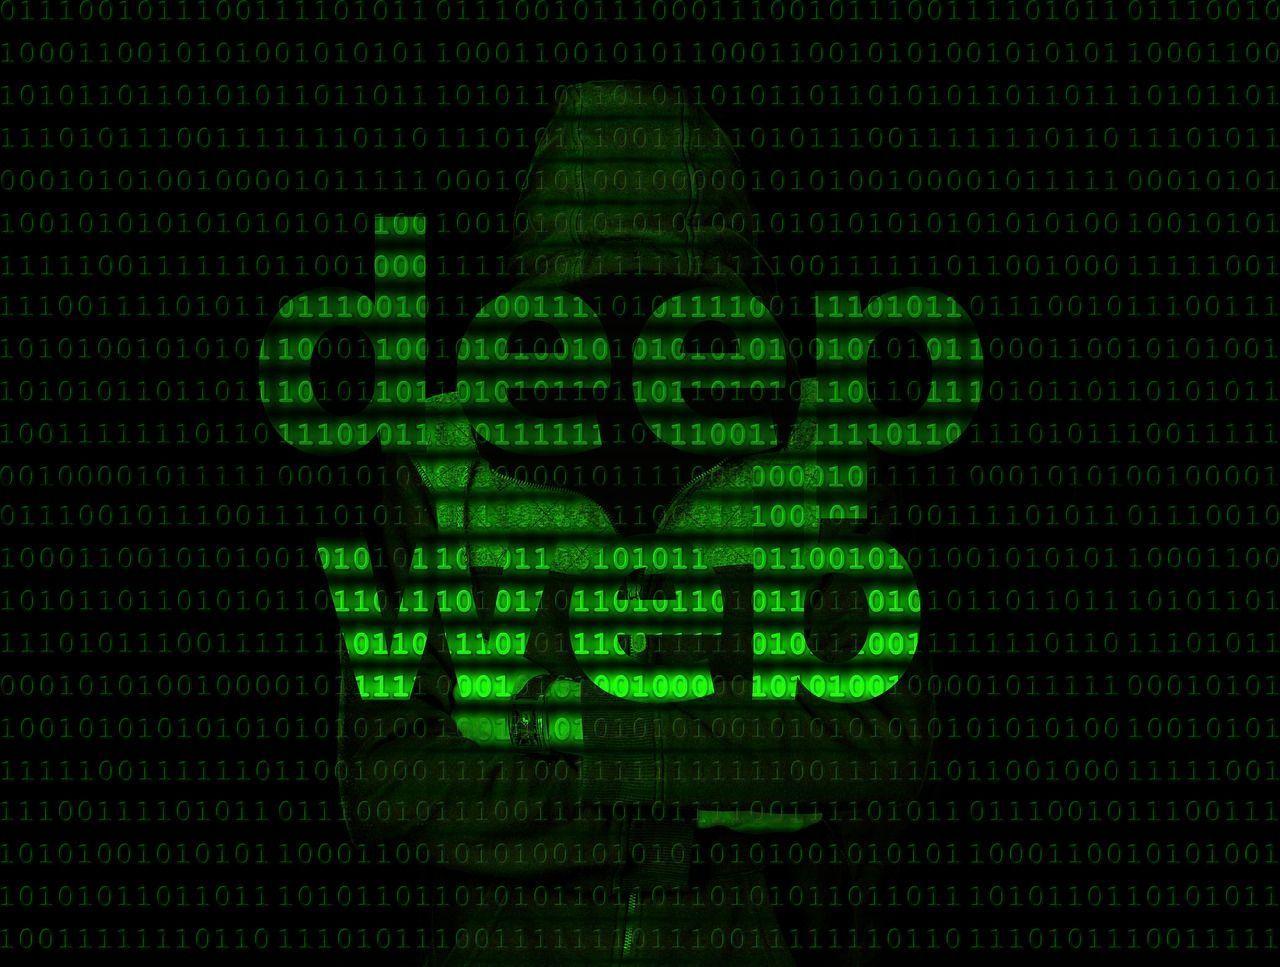 es legal navegar por la deep web